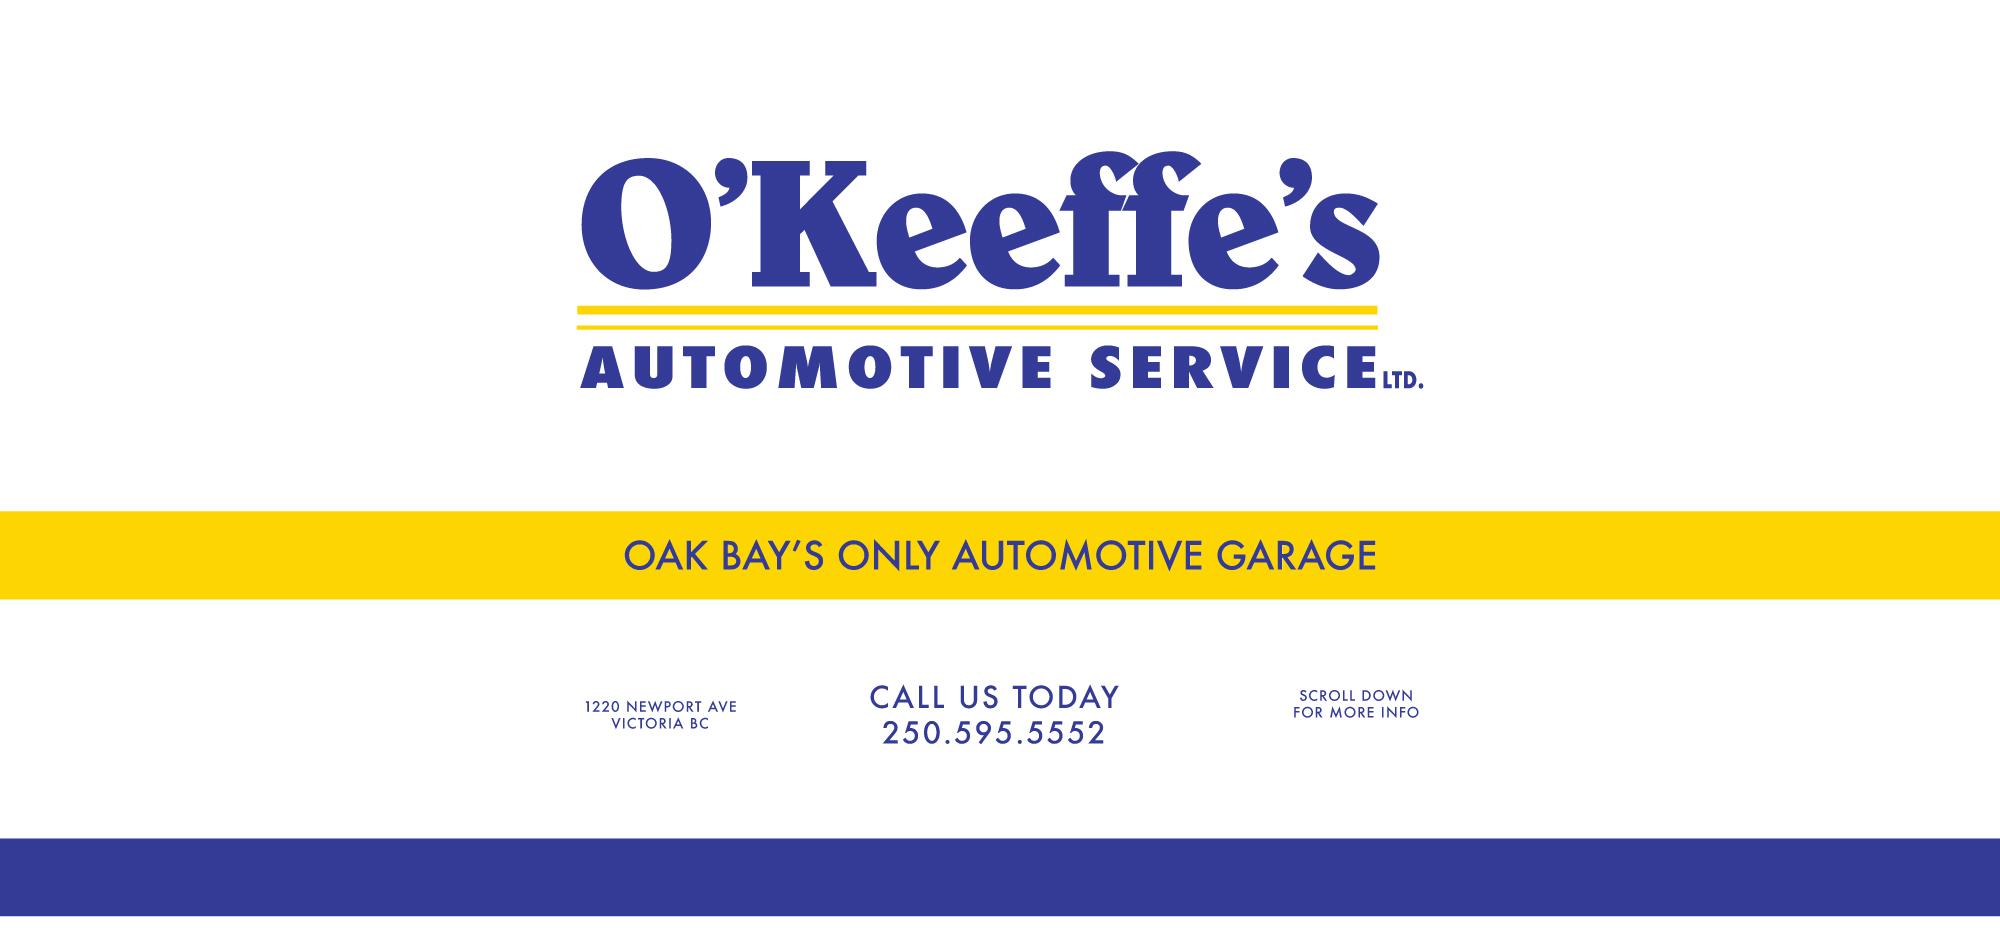 O'Keeffe's Automotive Service